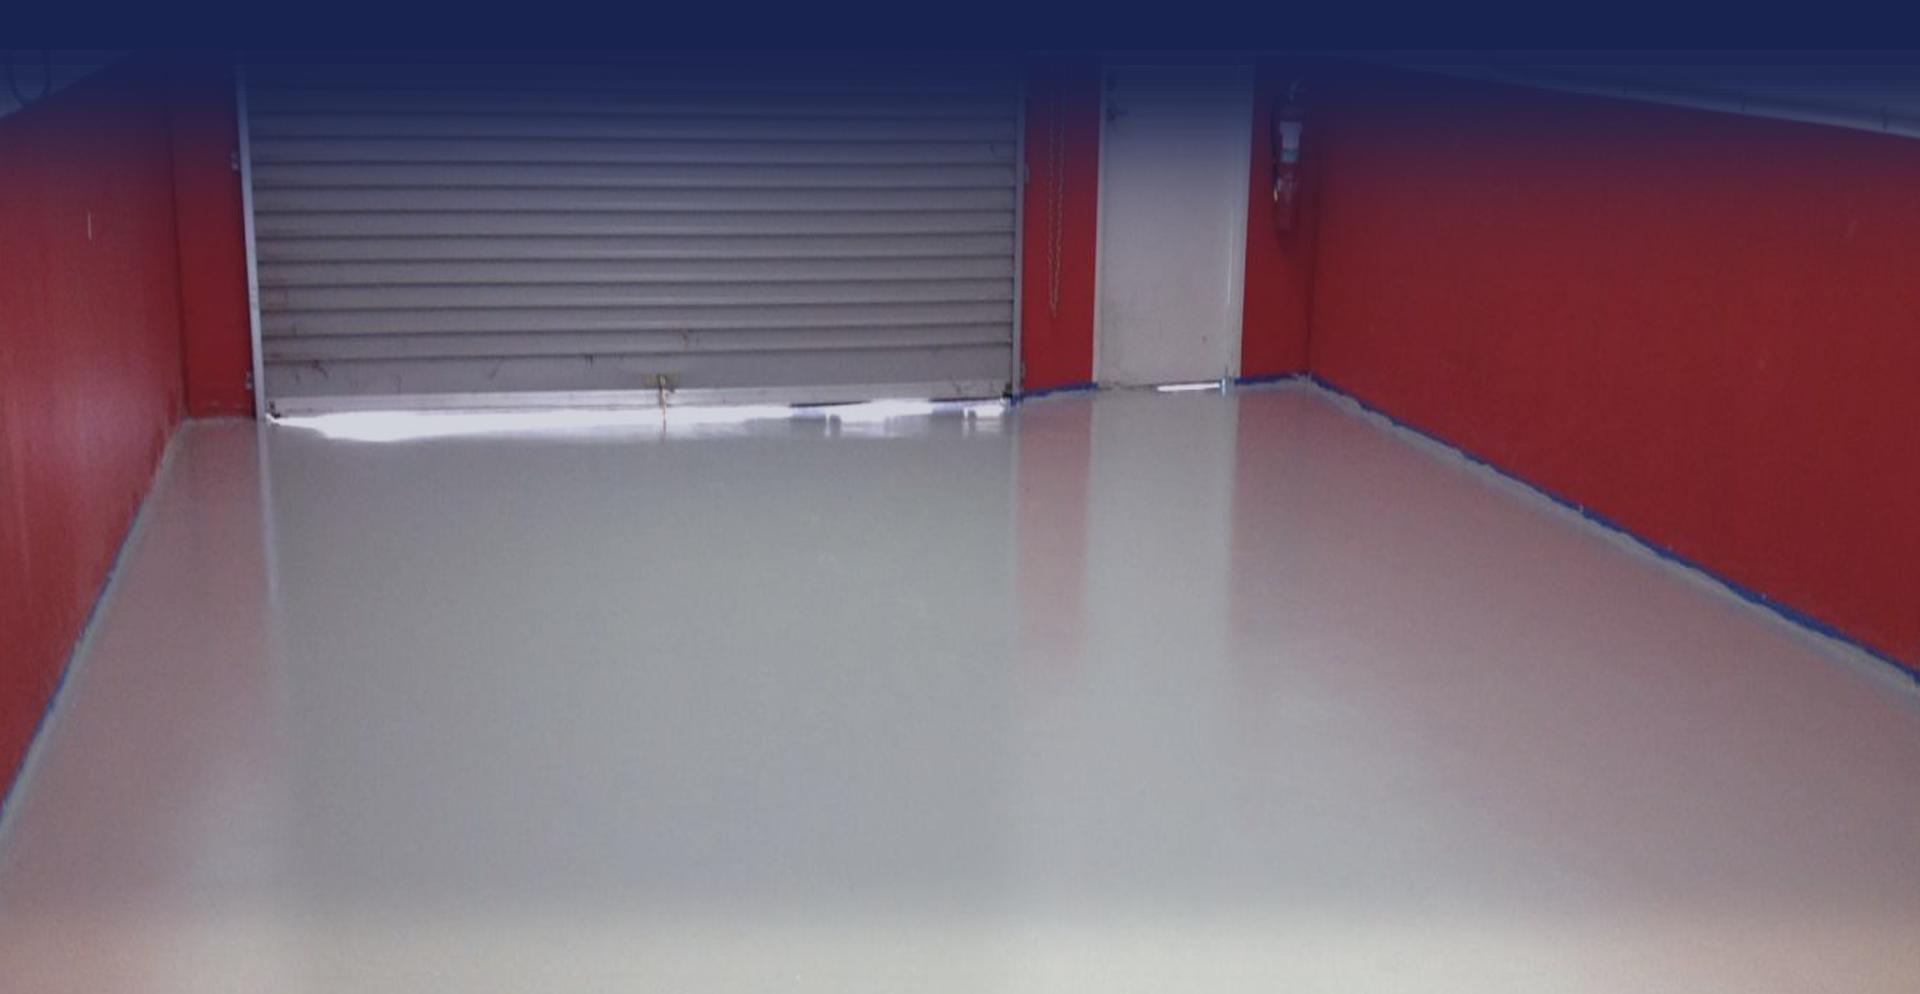 Hệ thống phủ epoxy chống tĩnh điện KERACOTE EC50